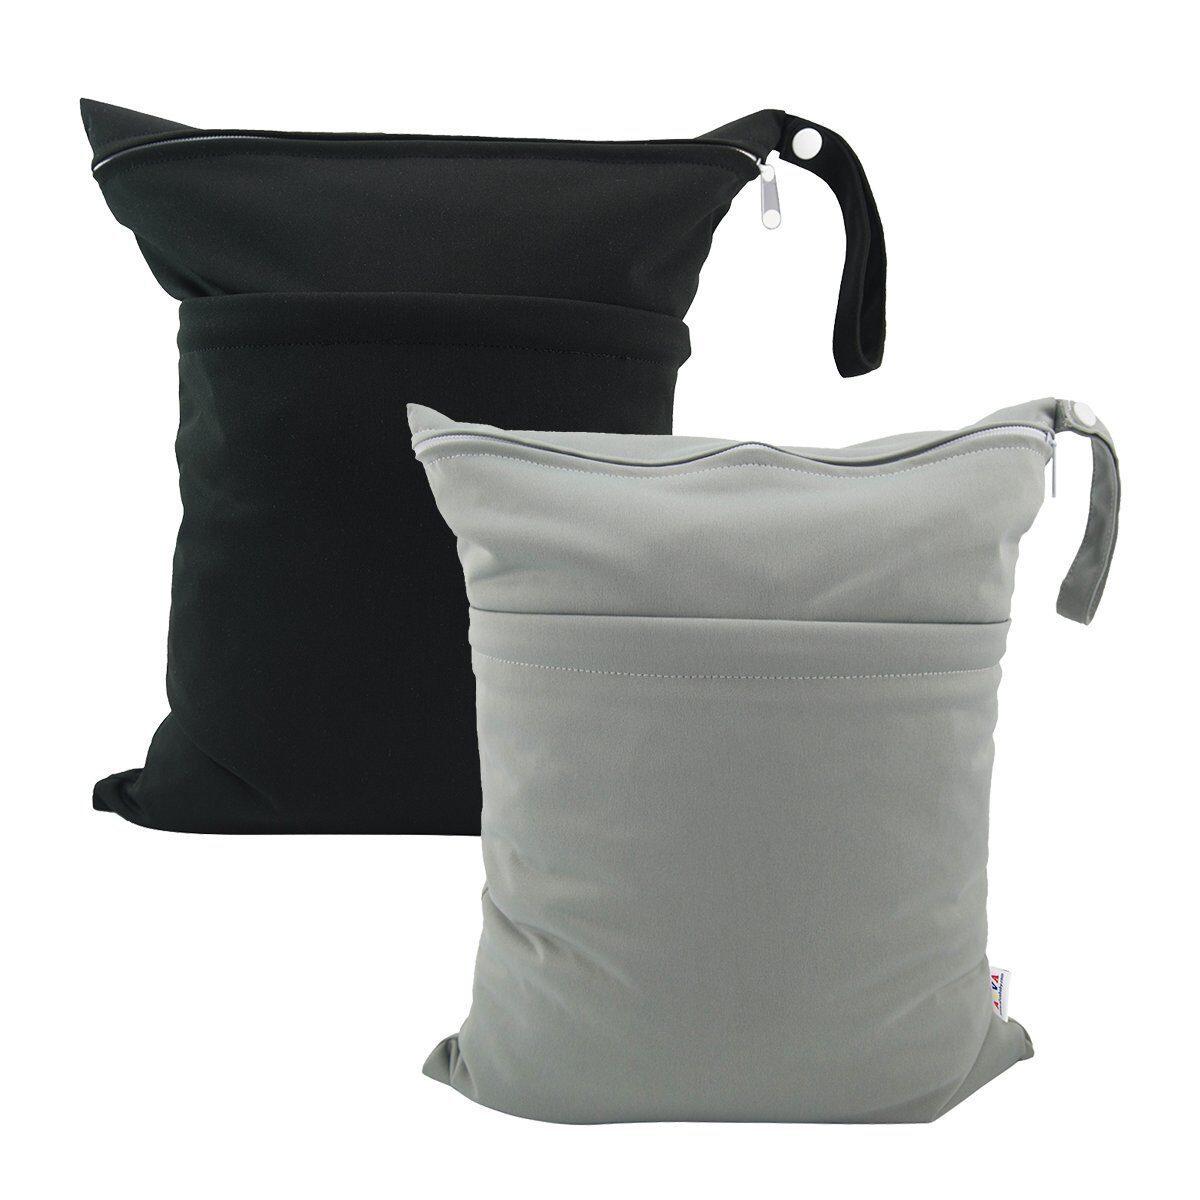 wet dry waterproof bags